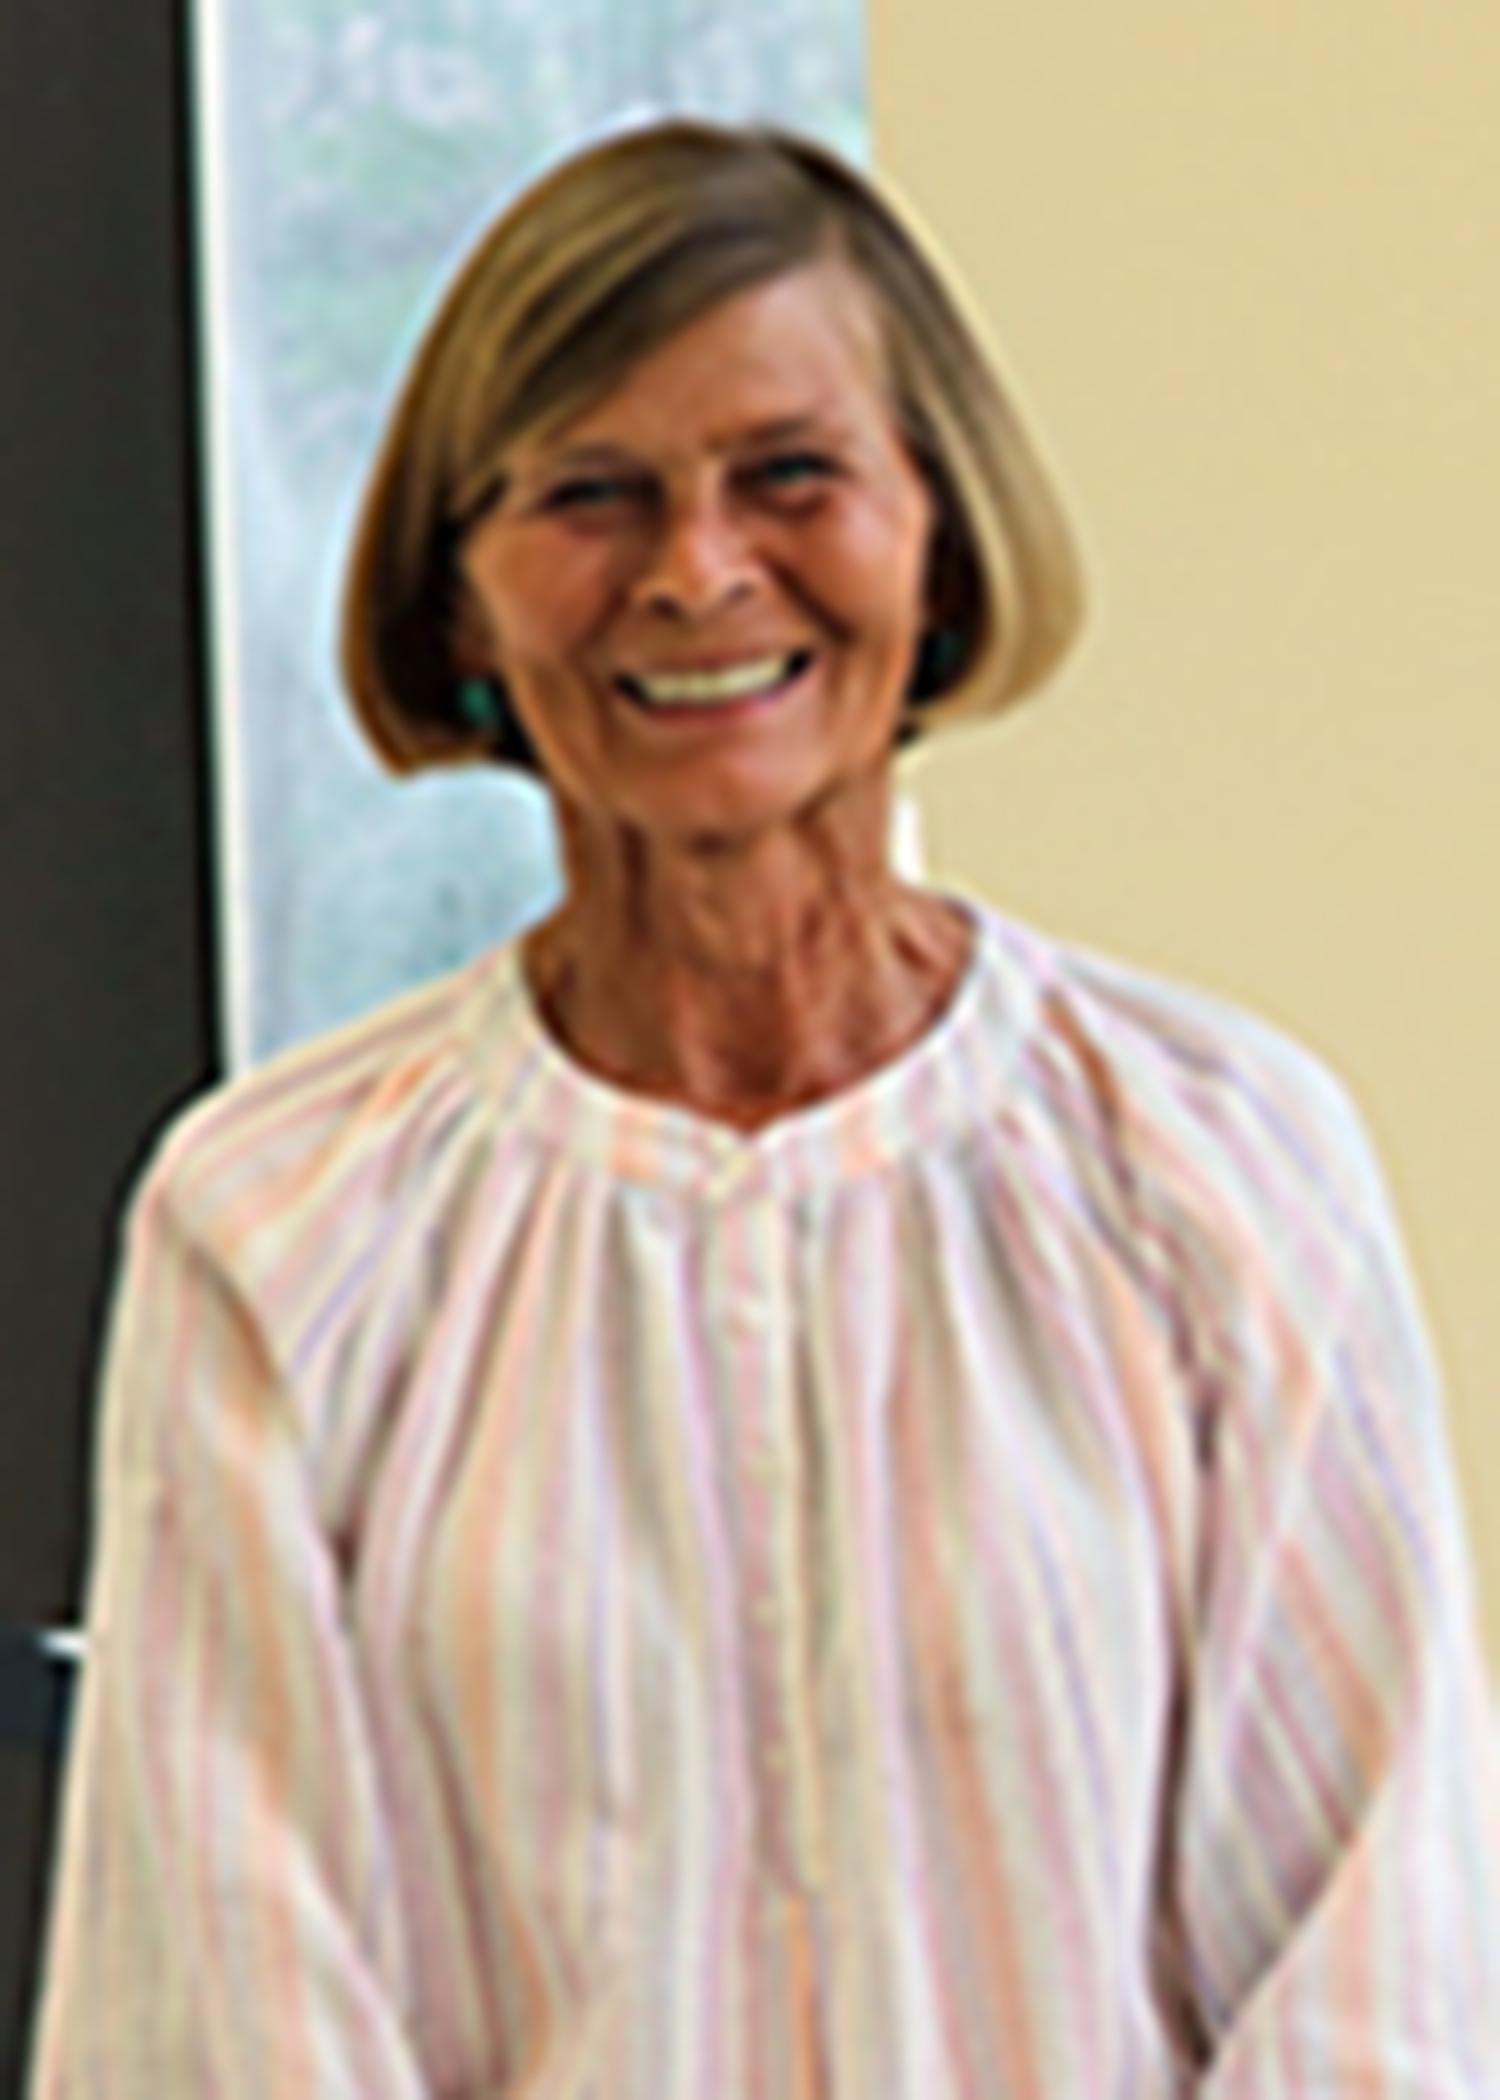 Sharon Humphrey